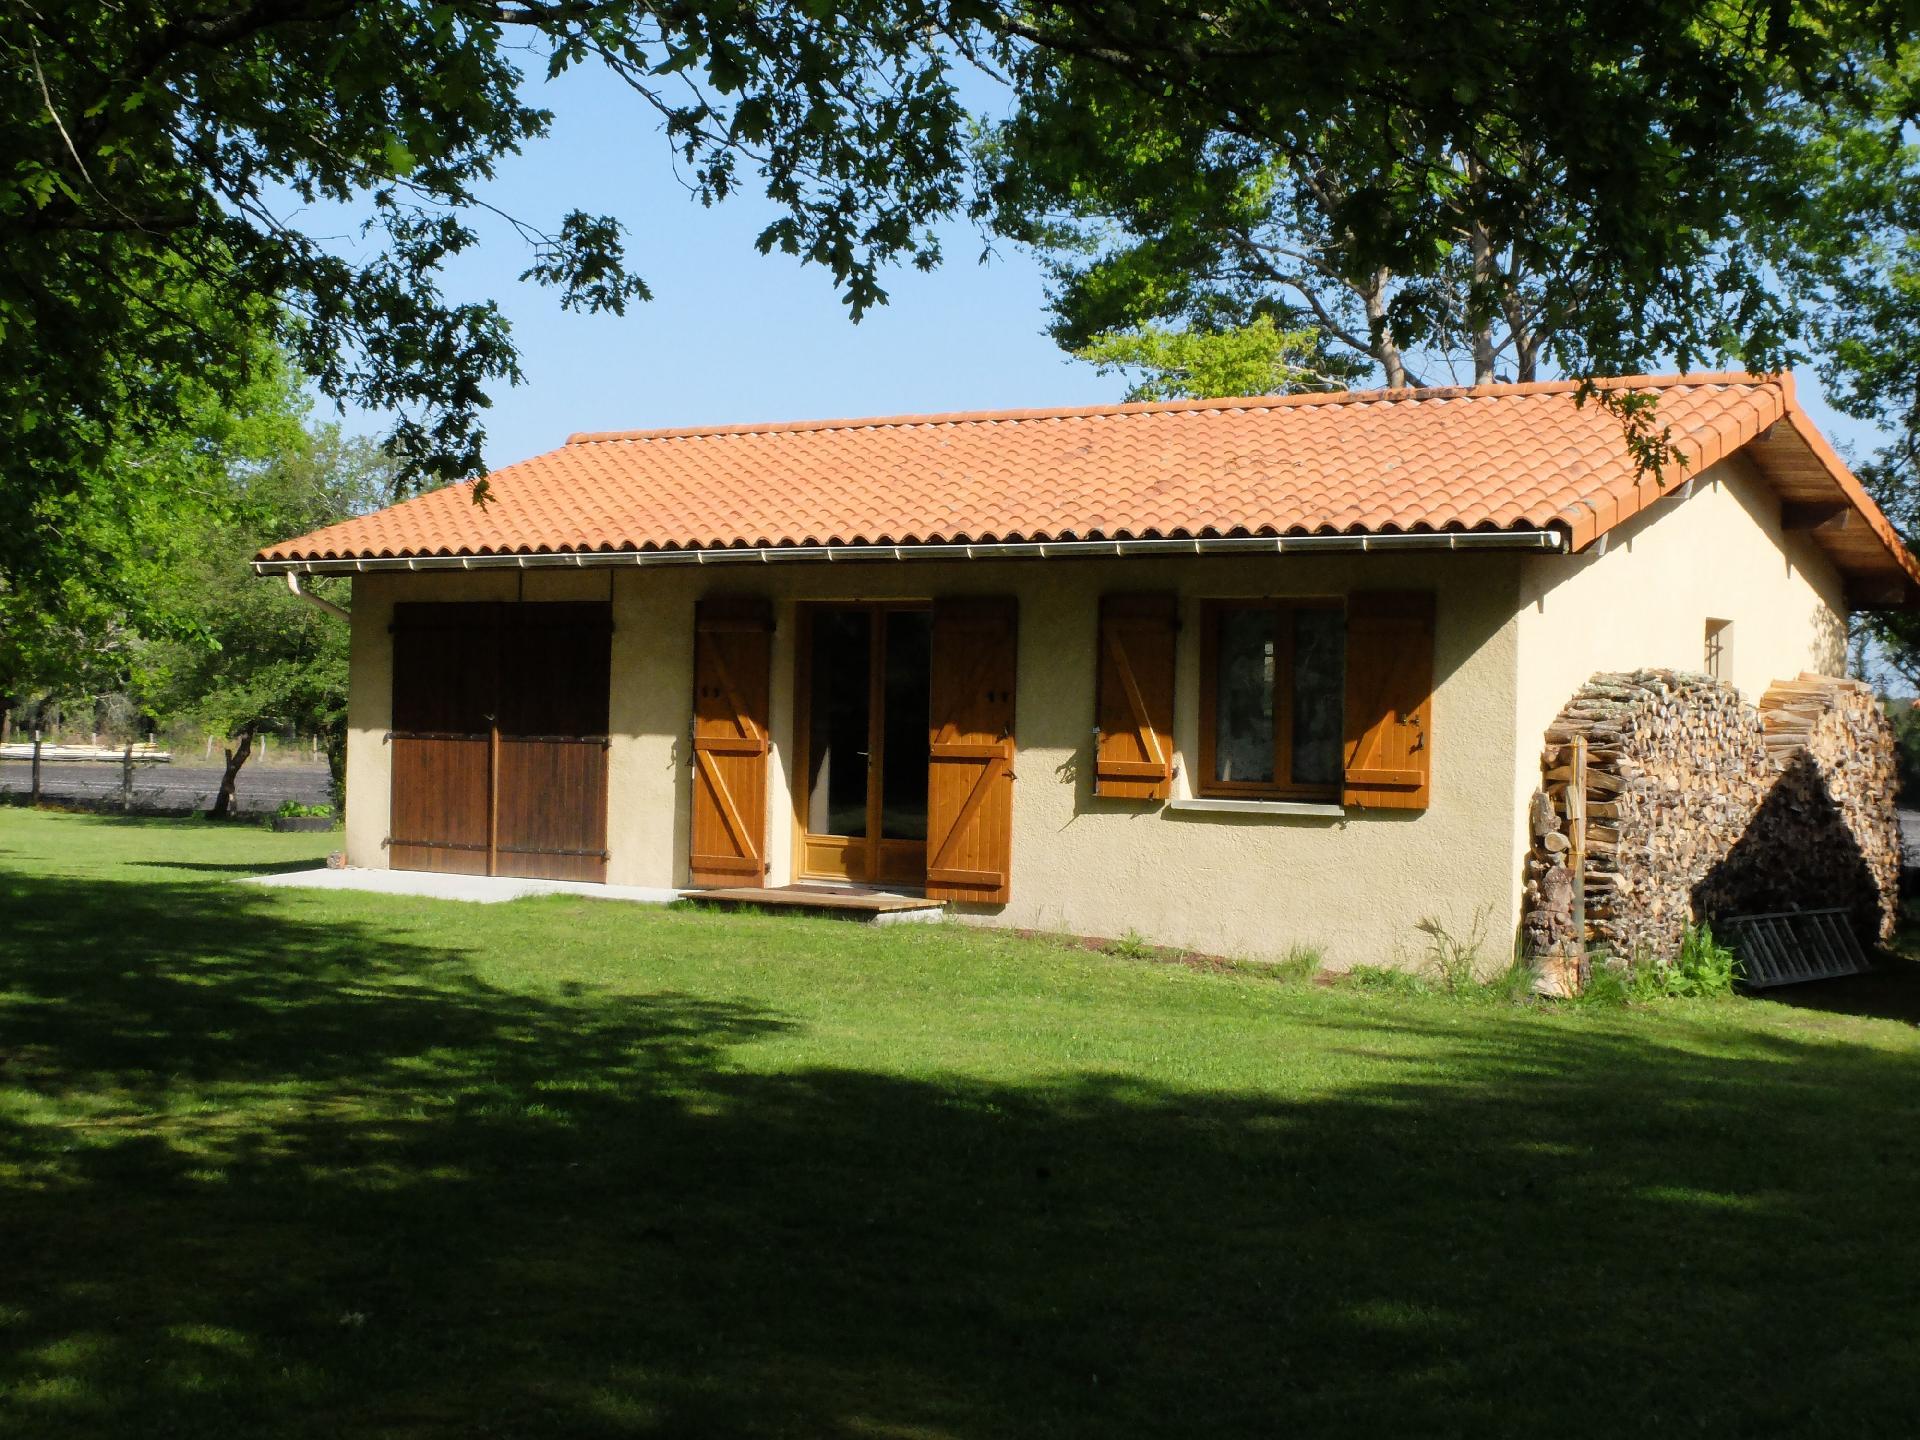 Ferienhaus für 2 Personen ca. 42 m² in M  in Frankreich